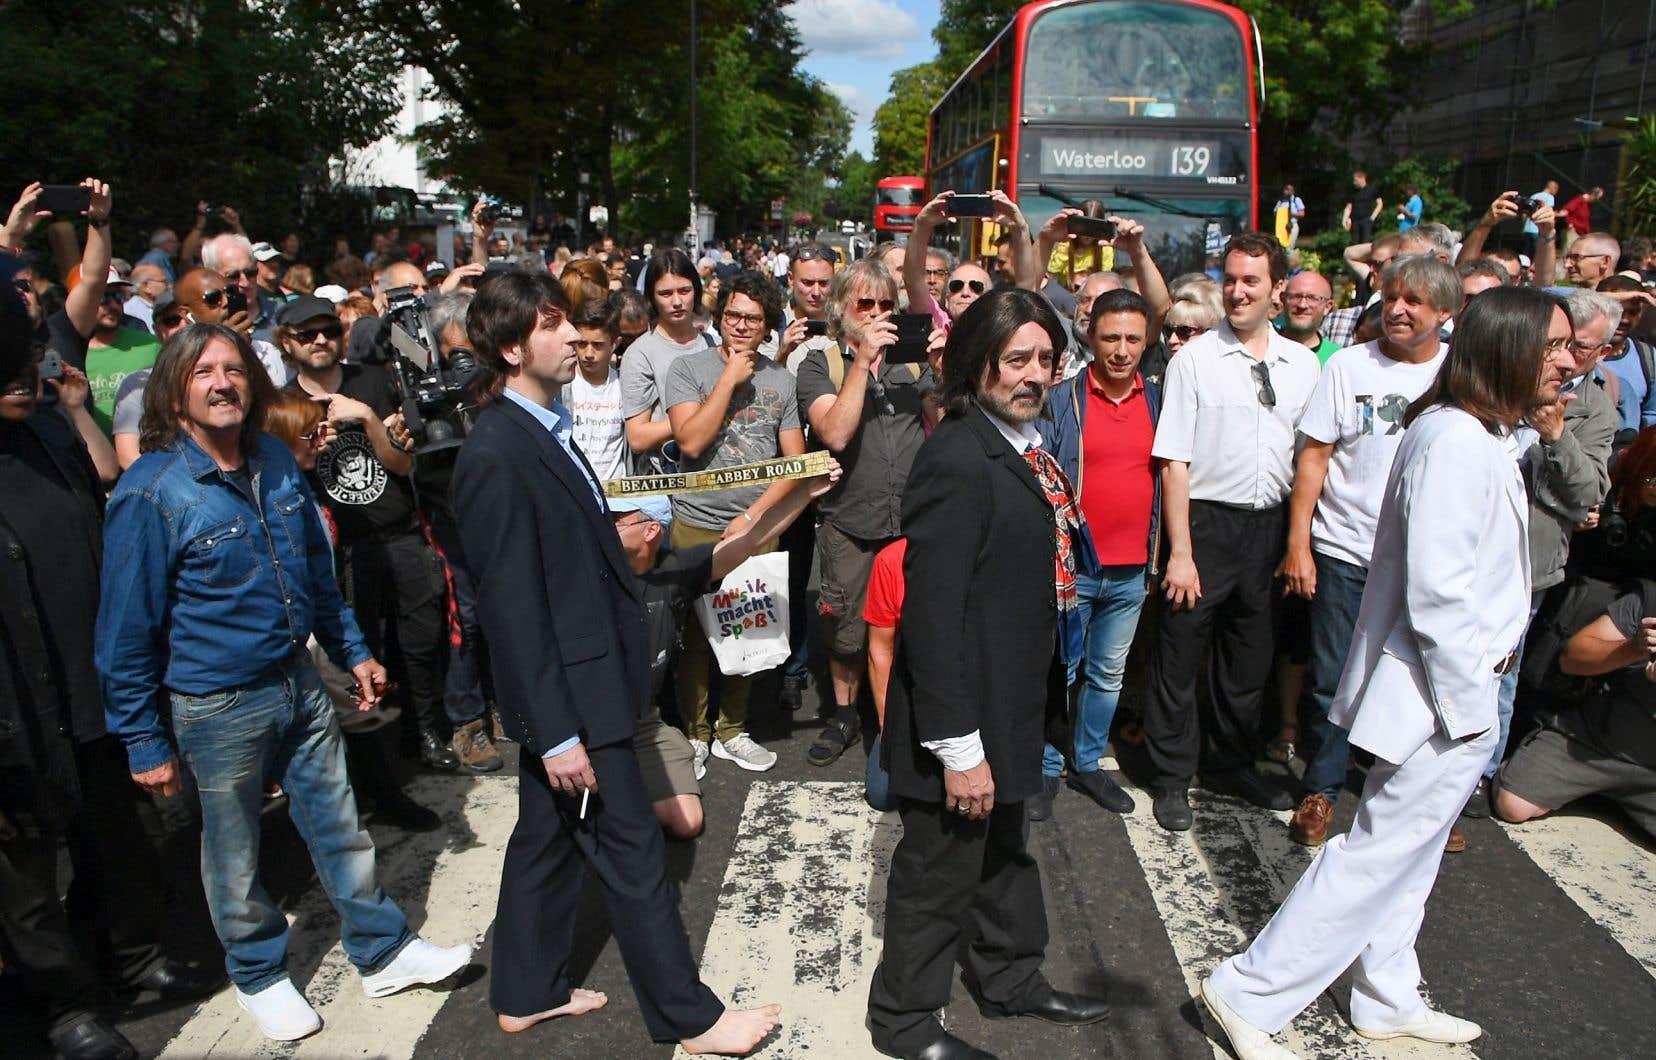 Un groupe d'imitateurs des Beatles a recréé la couverture de l'album «Abbey Road» en compagnie d'admirateurs du célèbre quatuor.